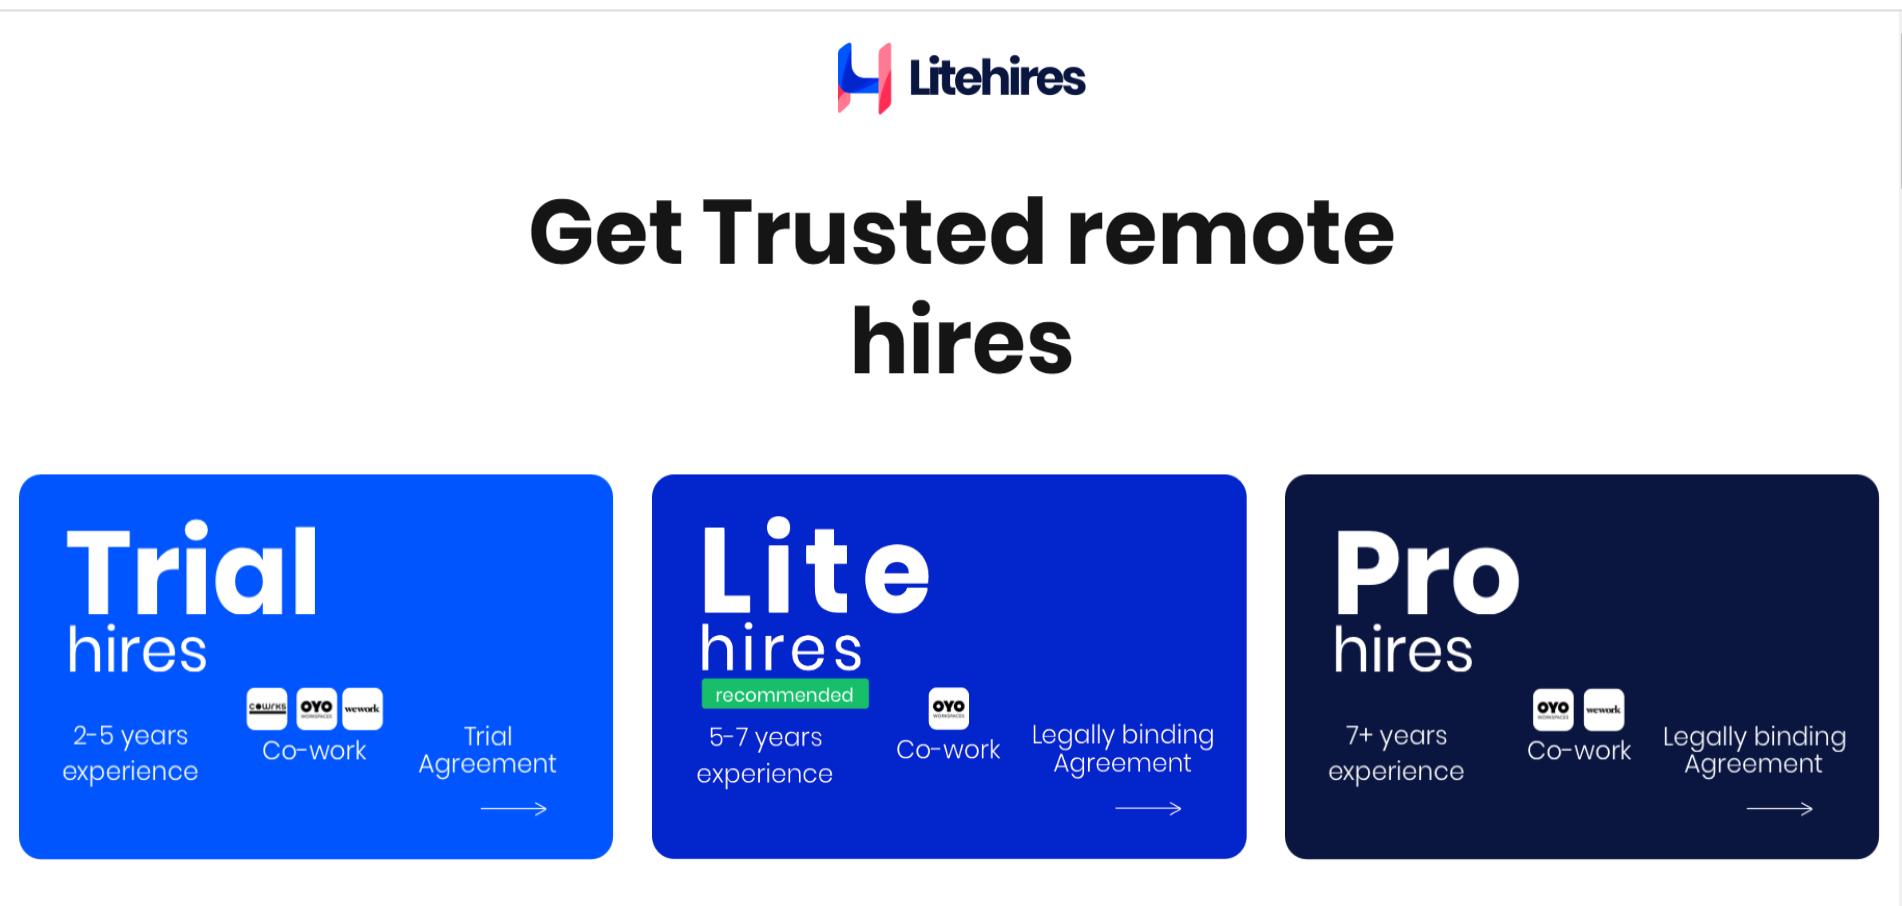 Litehires